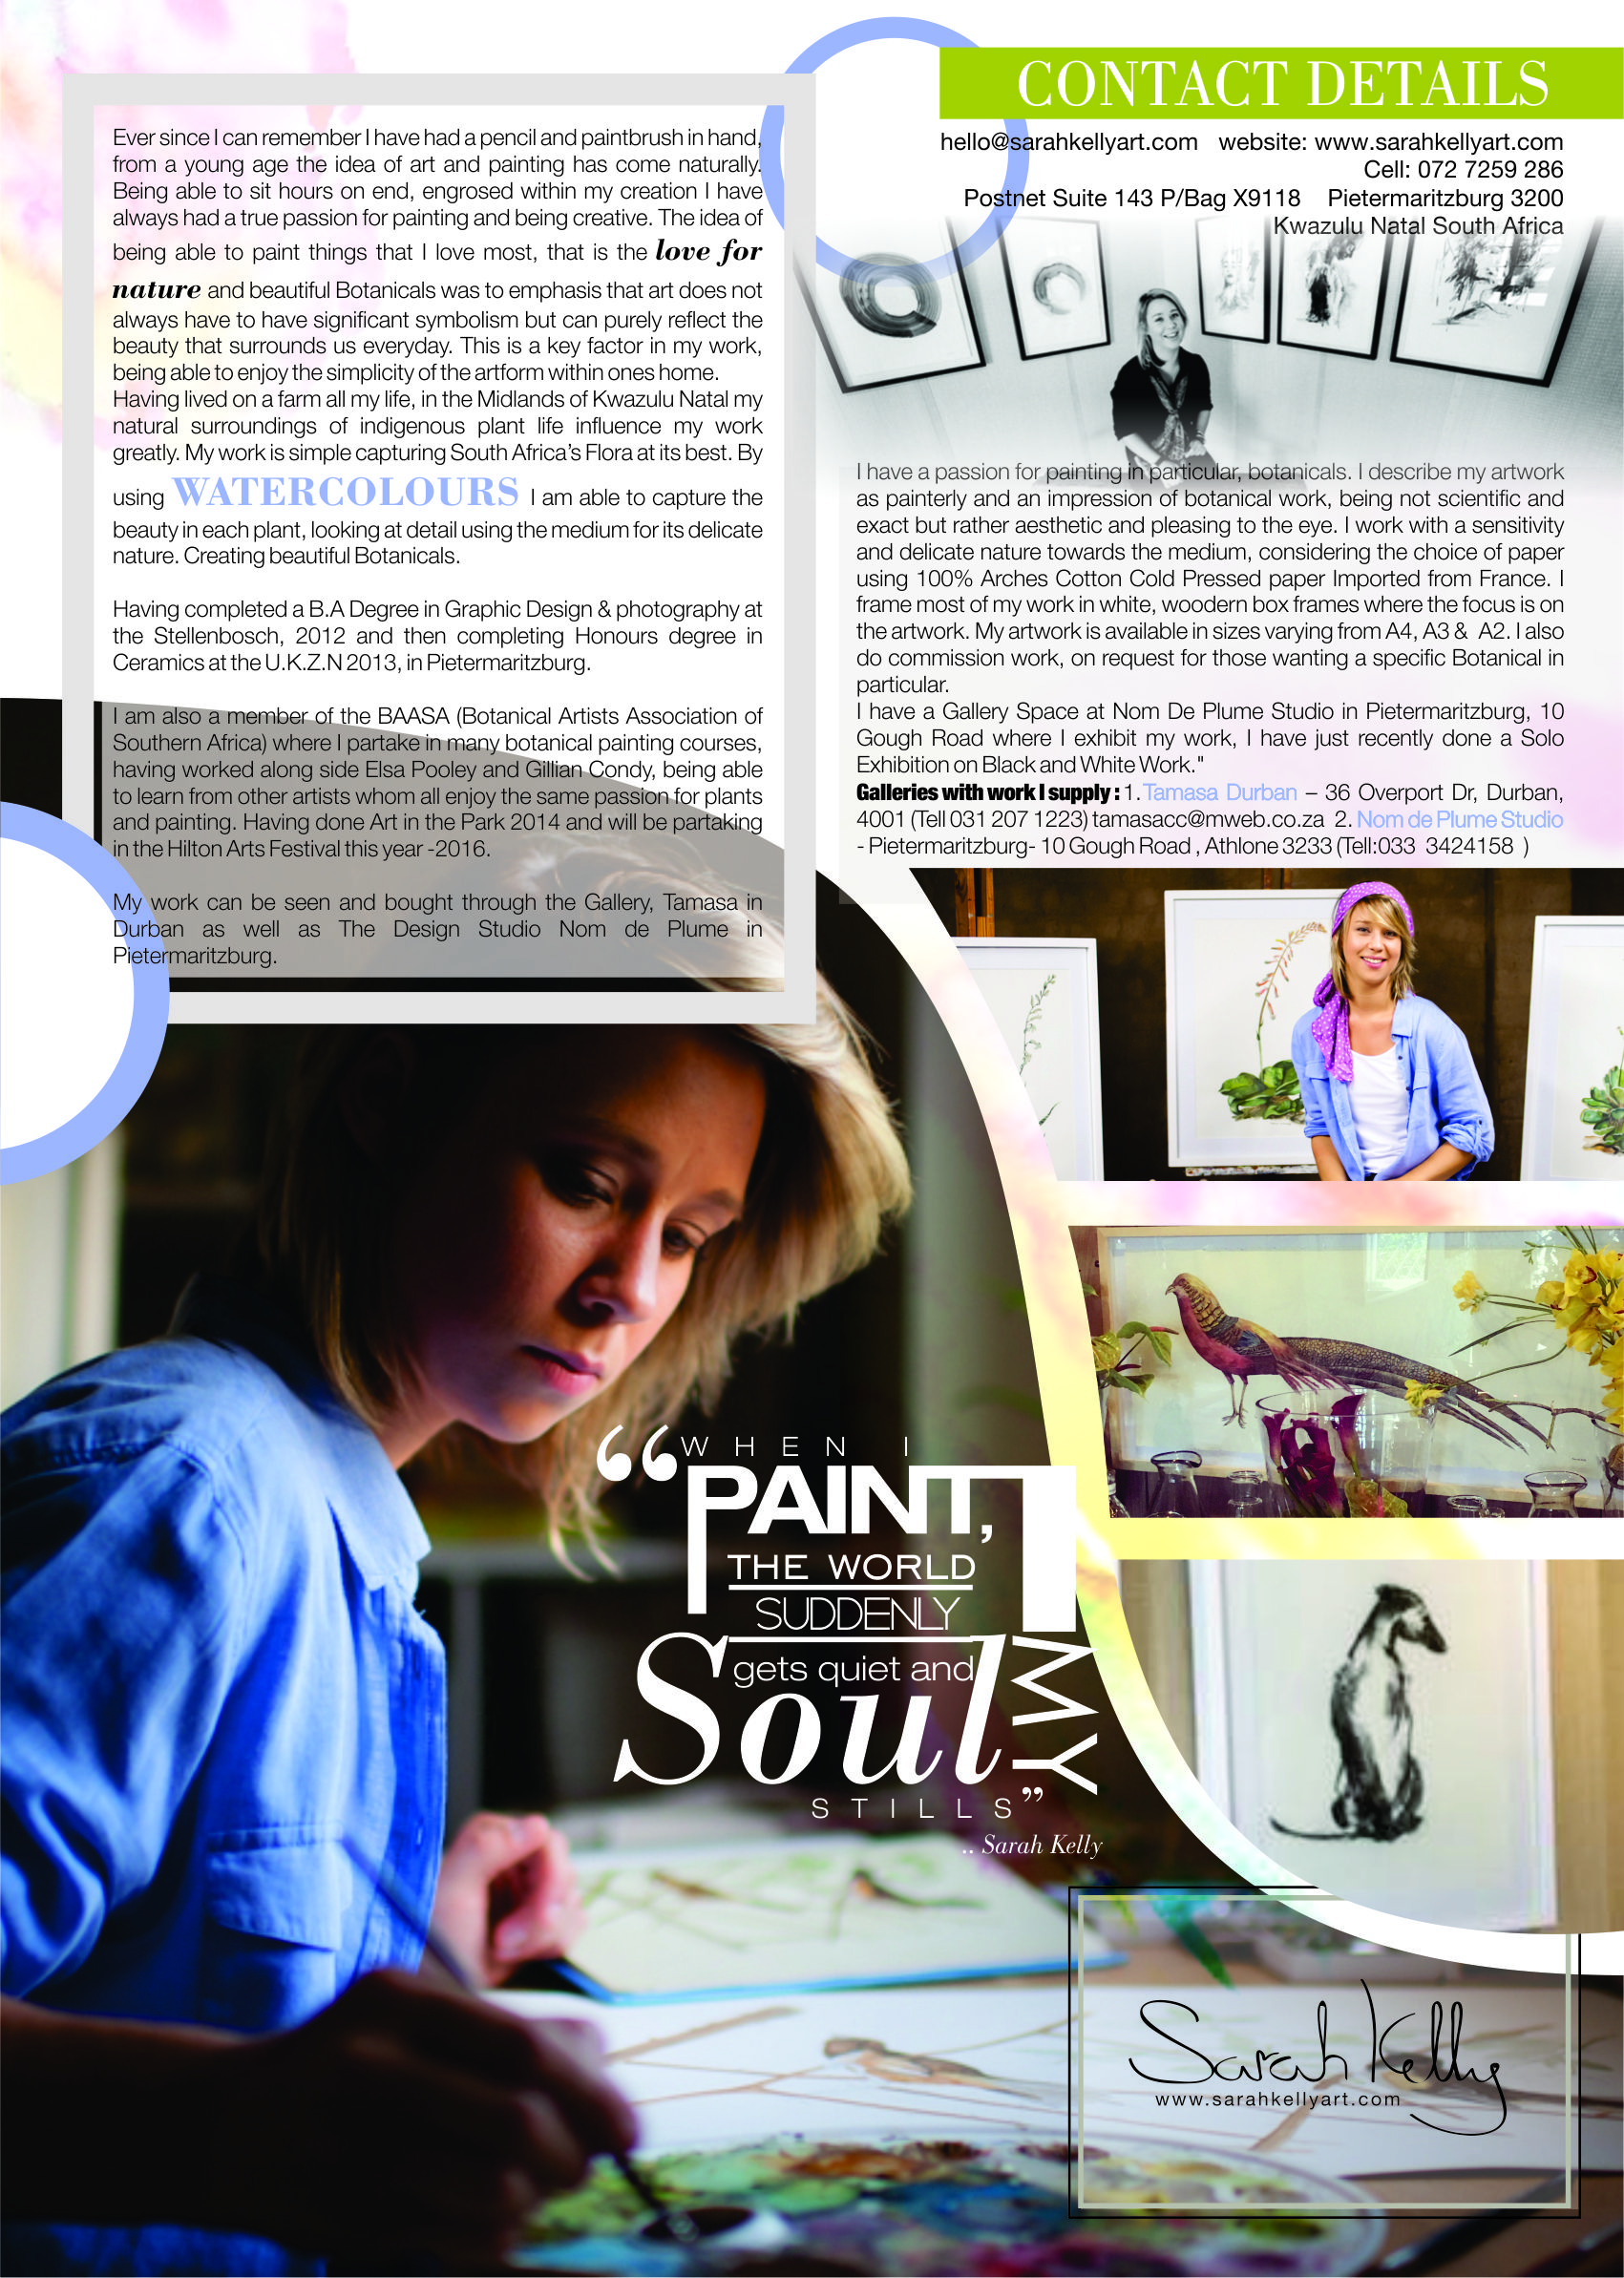 Sarah Park Sarah Kelly Advert Design Edit